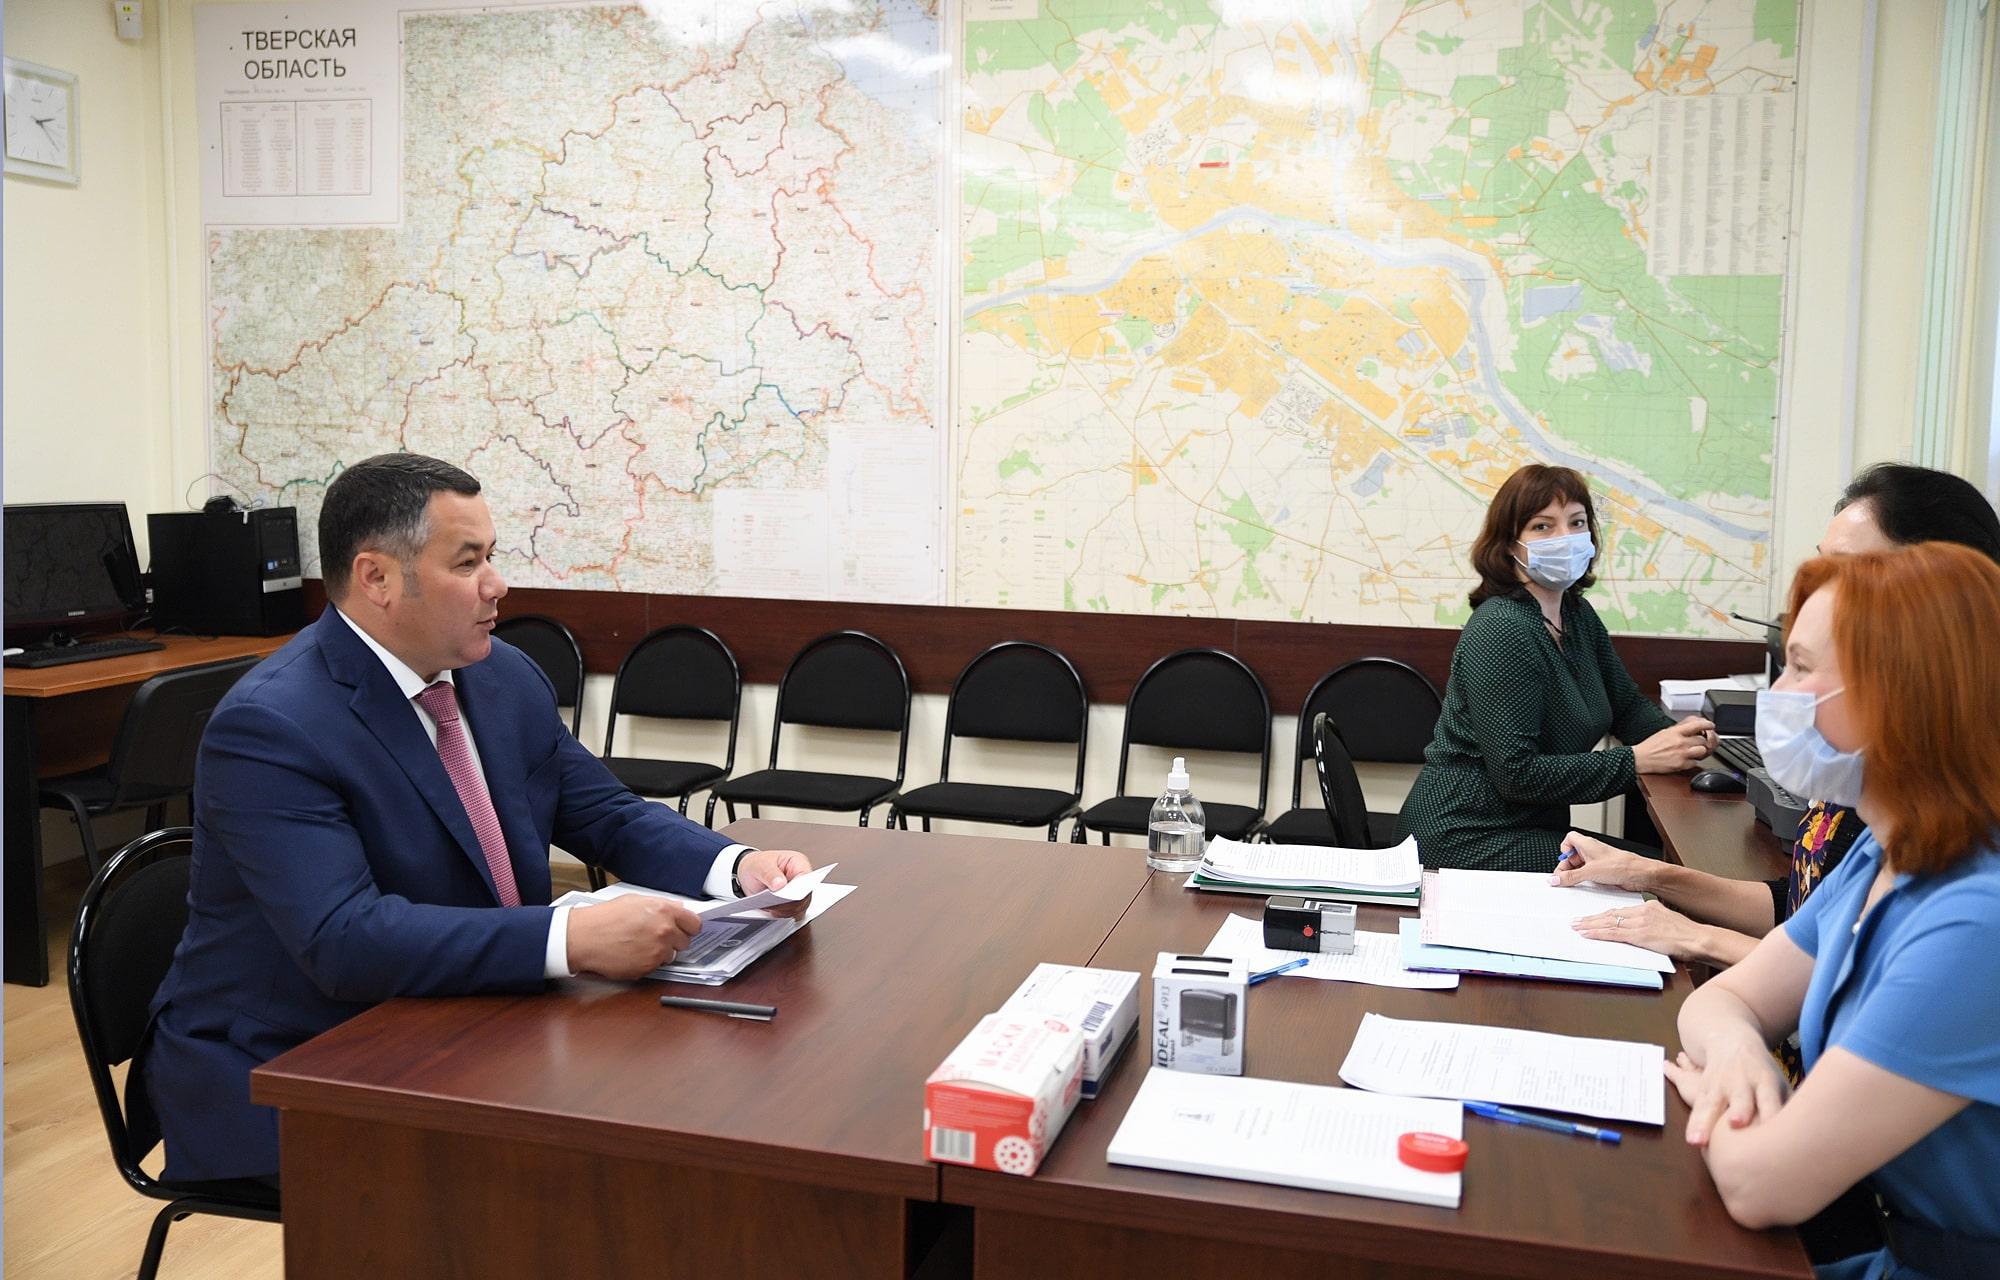 Игорь Руденя подал документы для участия в выборах губернатора Тверской области